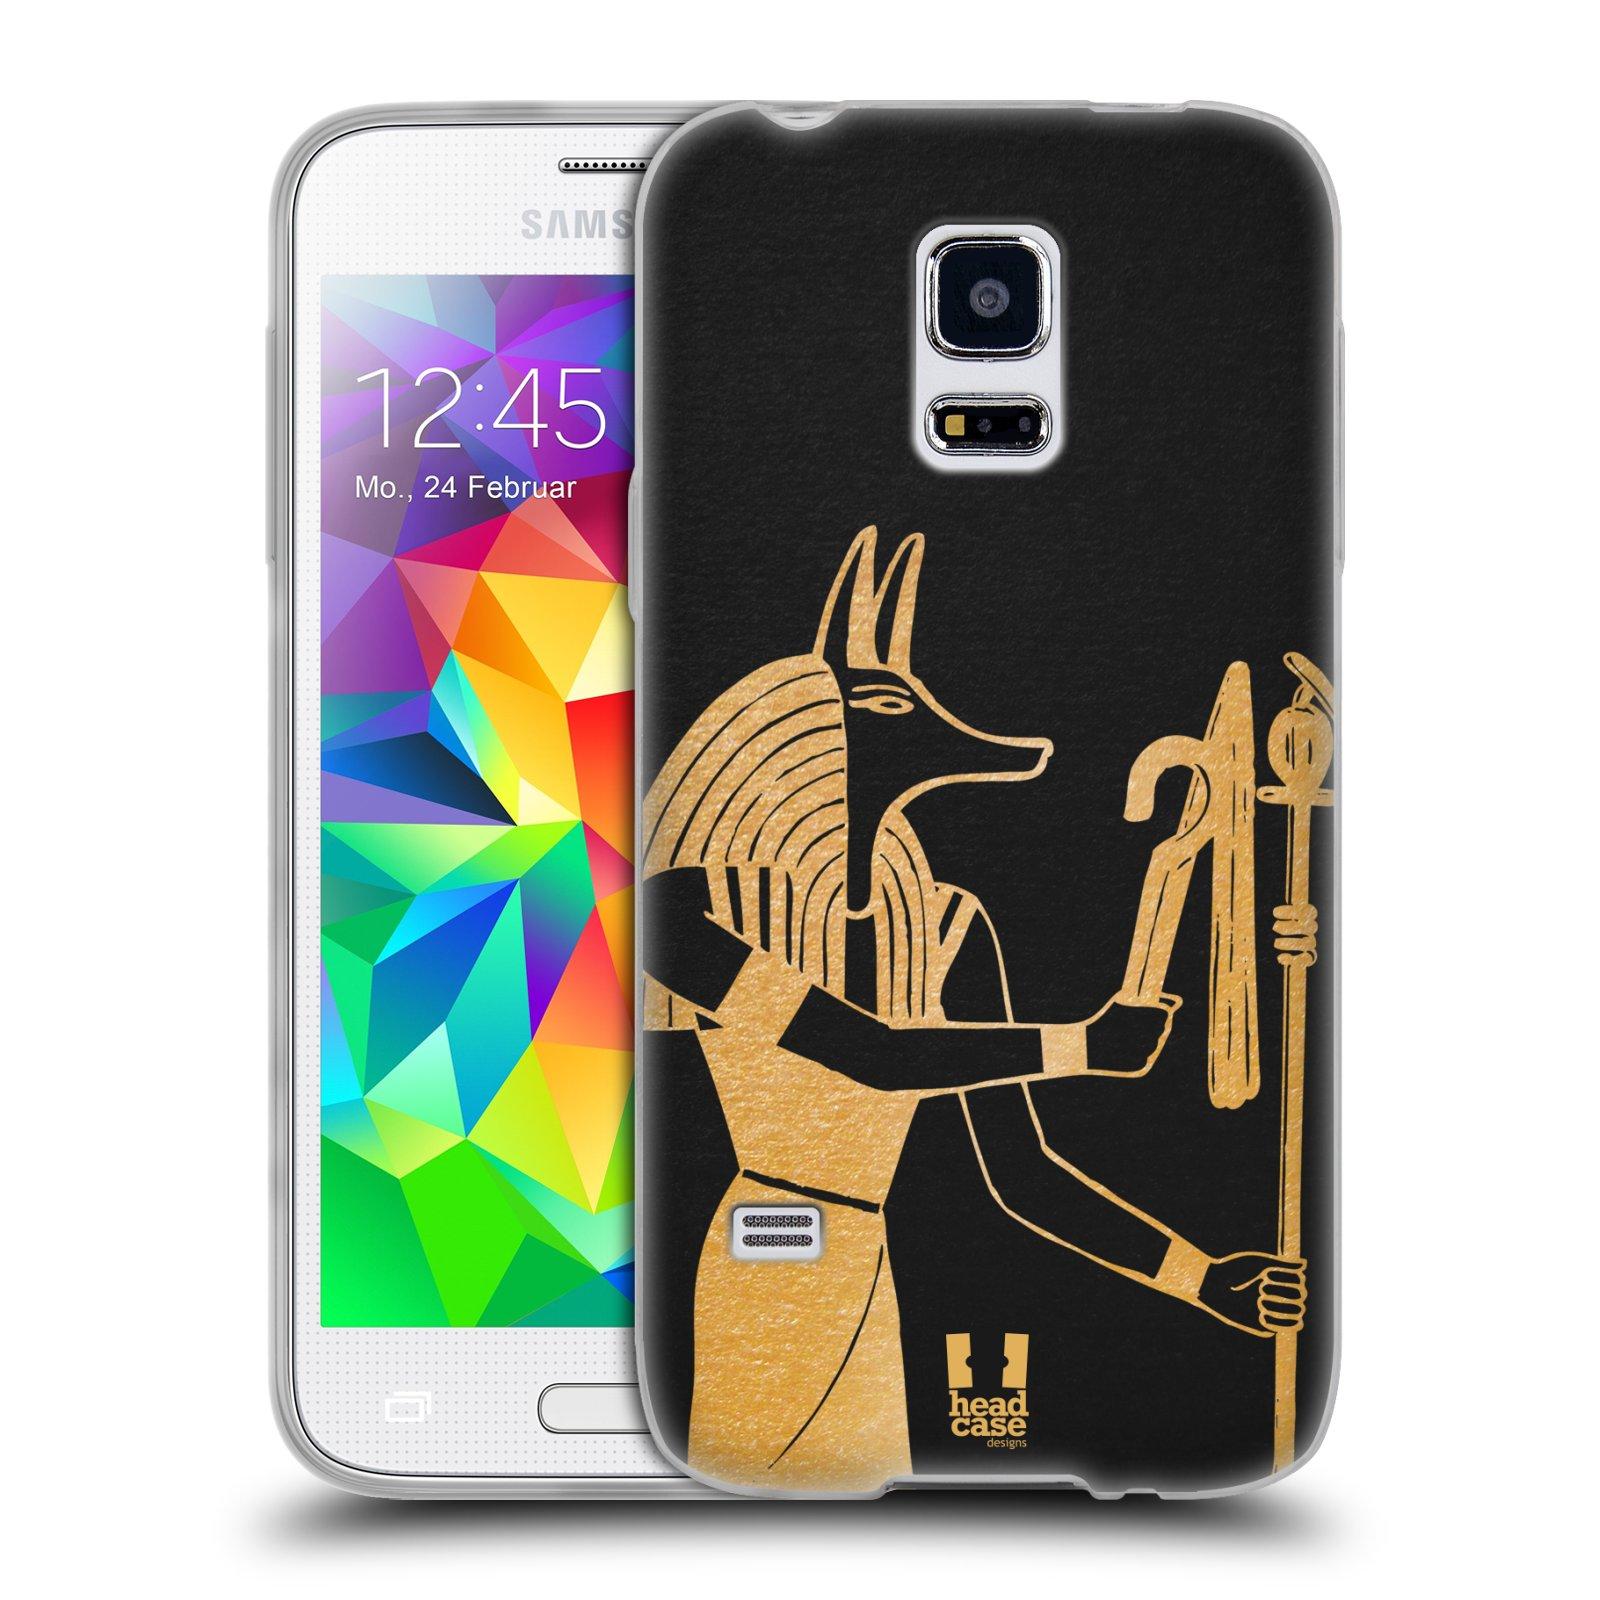 Silikonové pouzdro na mobil Samsung Galaxy S5 Mini HEAD CASE EGYPT ANUBIS (Silikonový kryt či obal na mobilní telefon Samsung Galaxy S5 Mini SM-G800F)